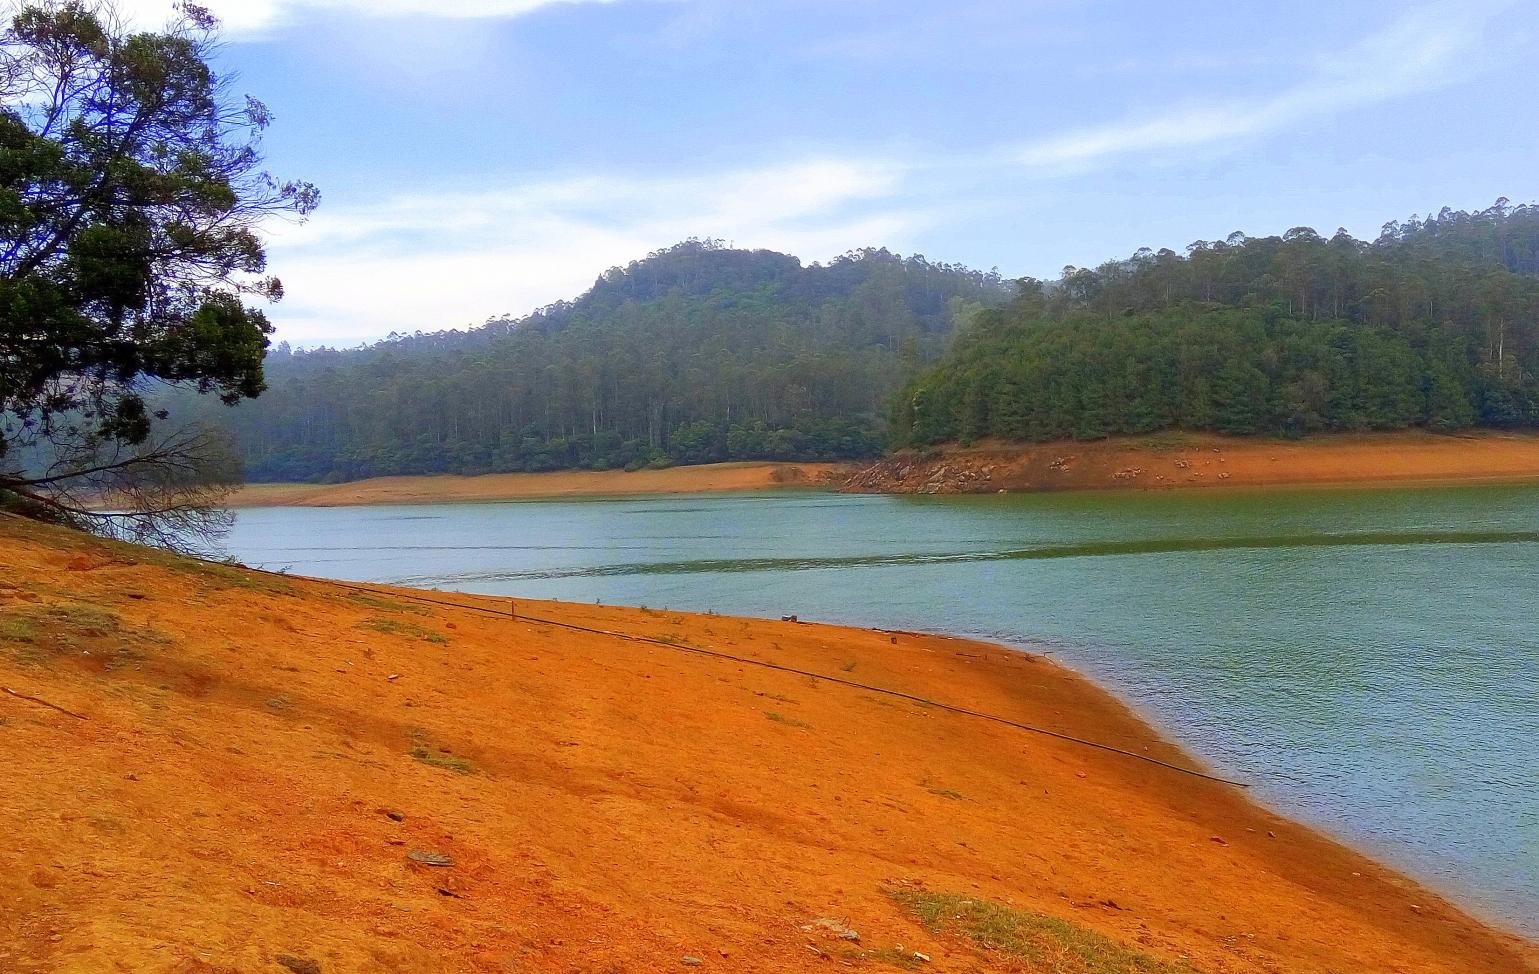 Sand on Mountains - A mountain lakeside view